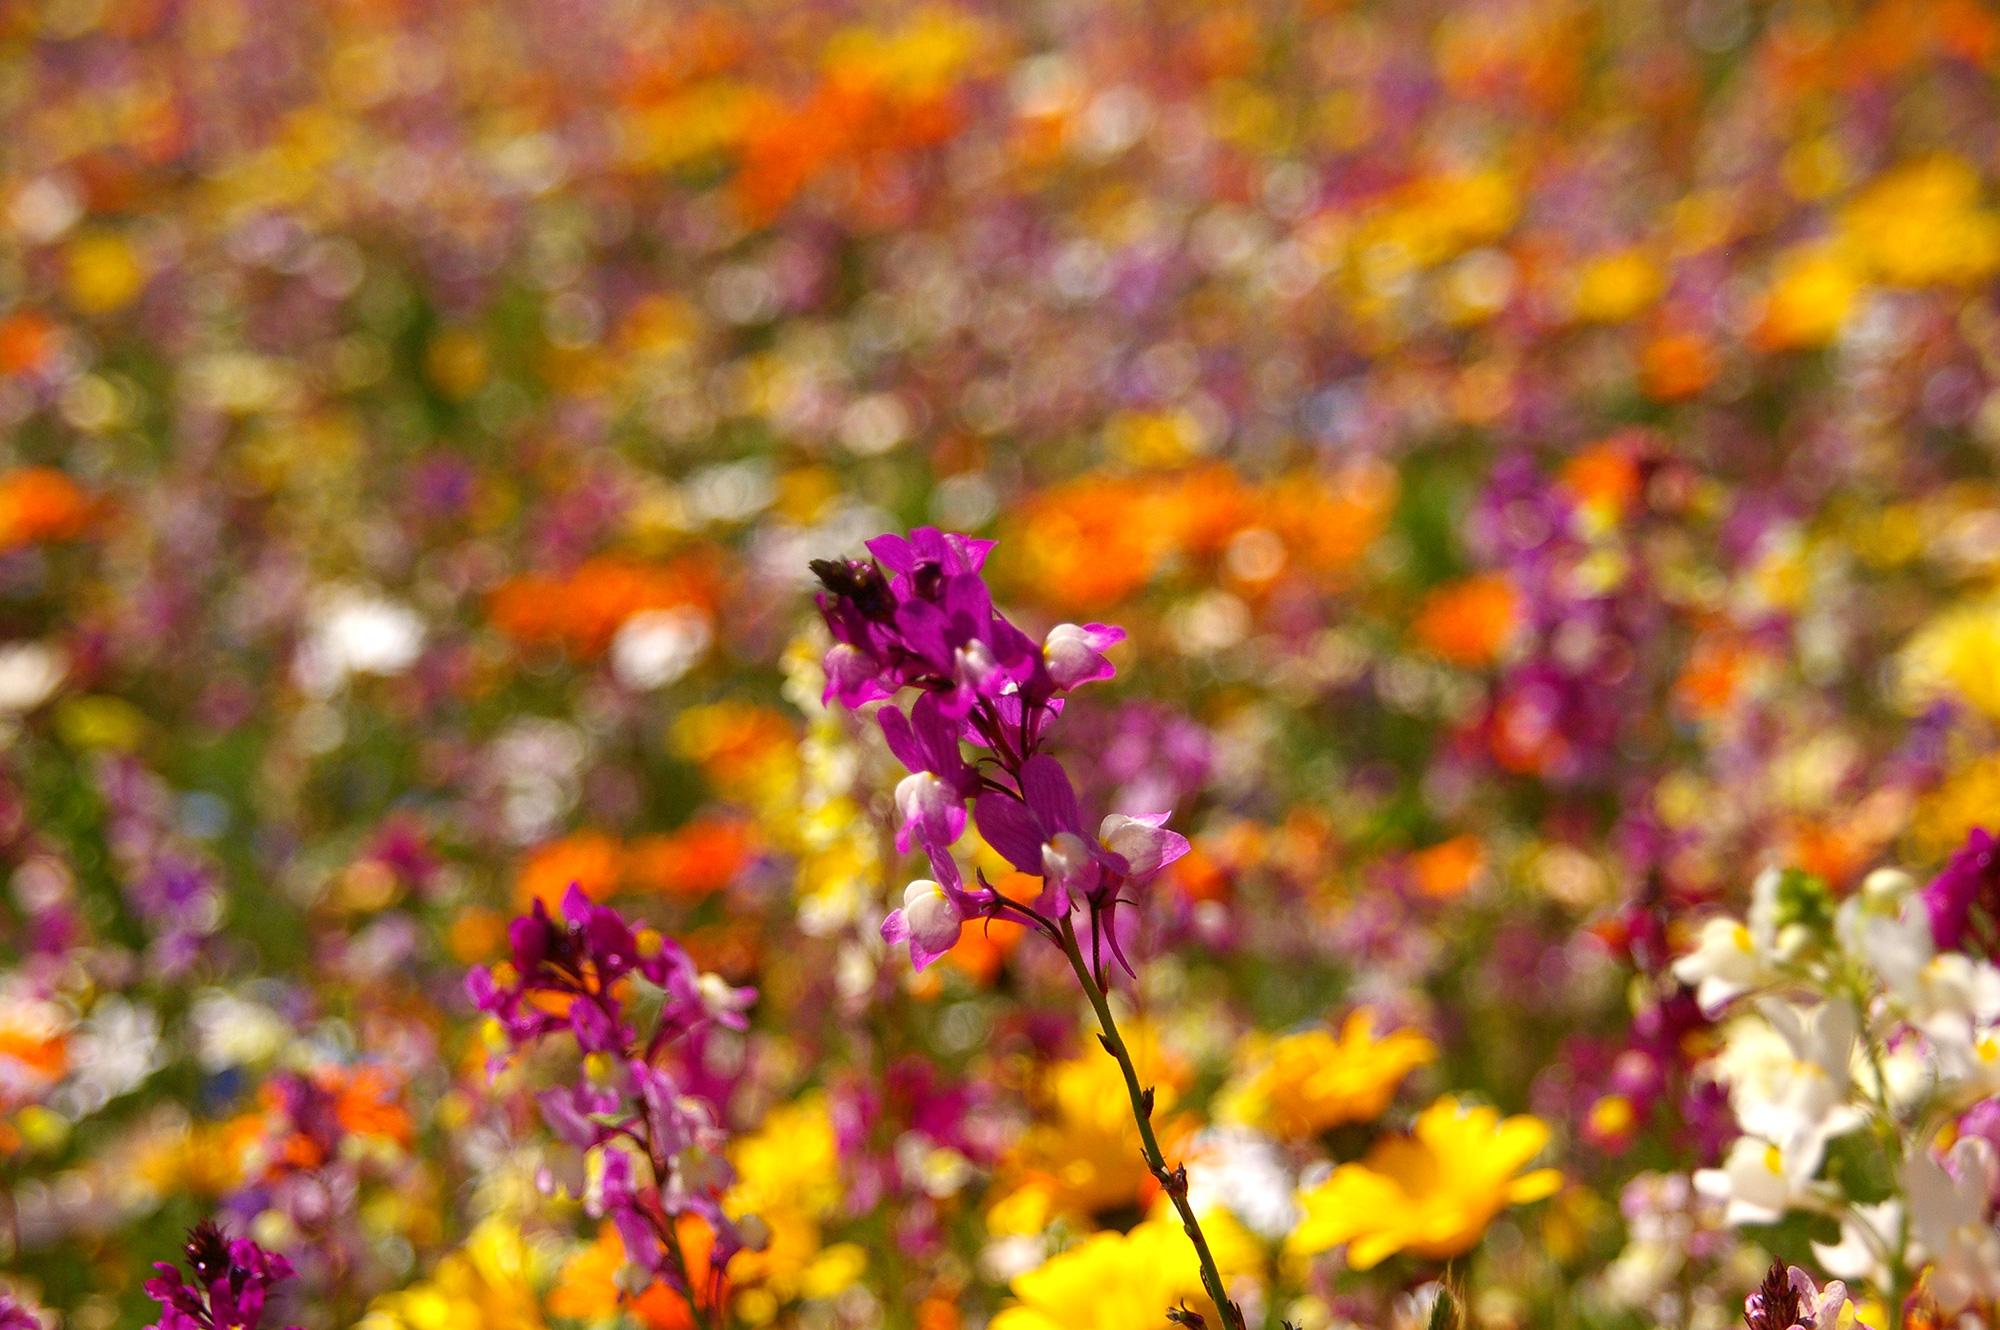 お花畑の紫色の花の写真のフリー素材